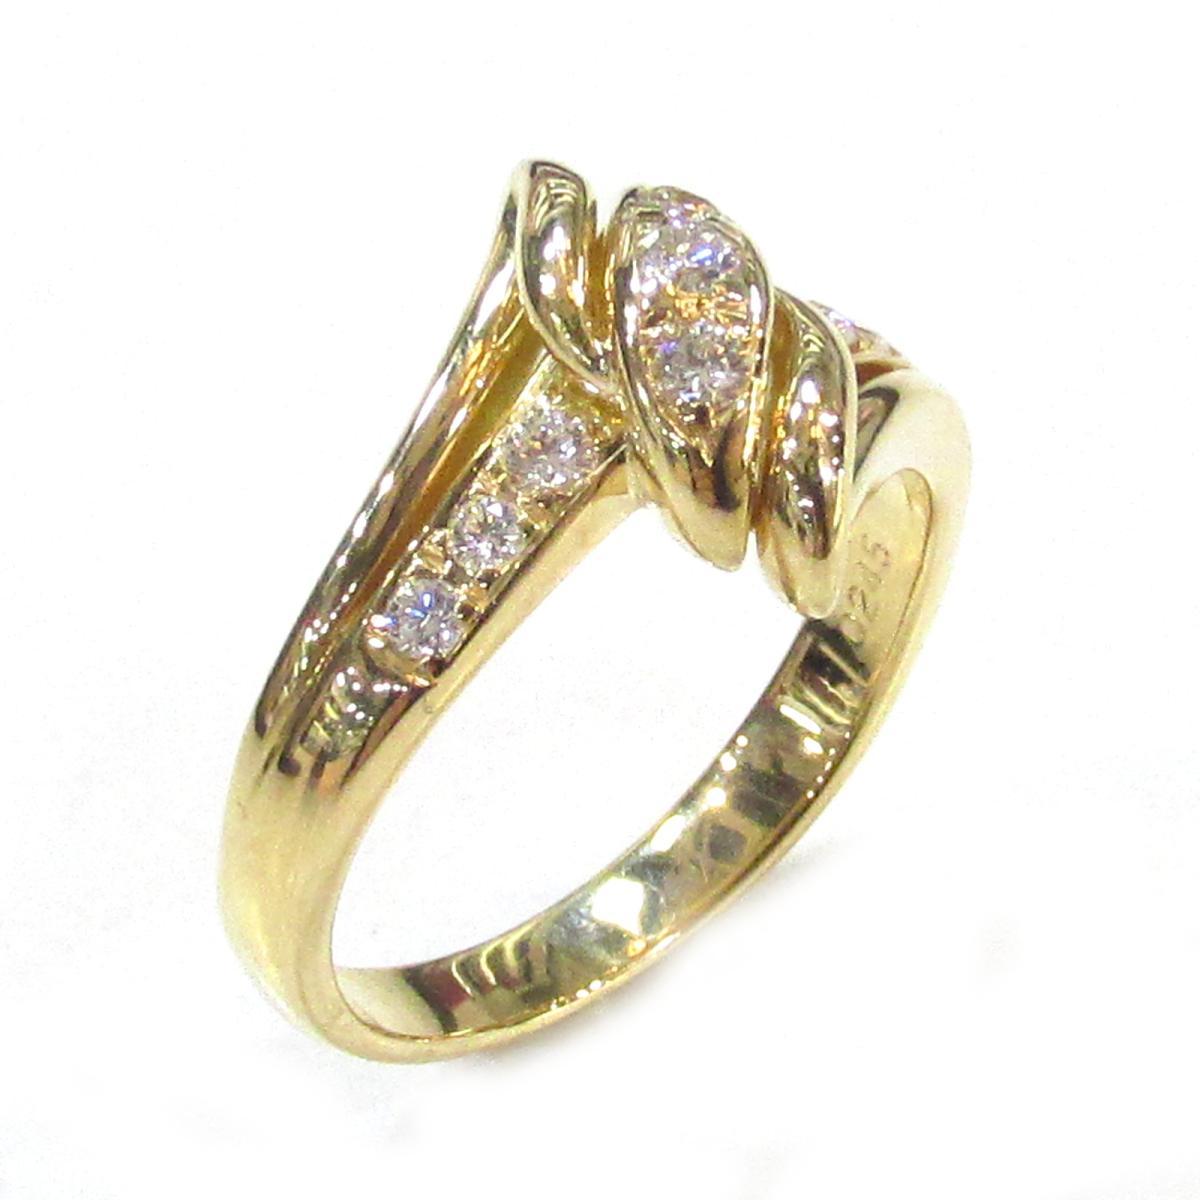 【中古】 ポーラ ダイヤモンドリング 指輪 メンズ レディース K18YG (750) イエローゴールド × ダイヤモンド (0.24ct)   JEWELRY リング K18 18K 18金 美品 ブランドオフ BRANDOFF